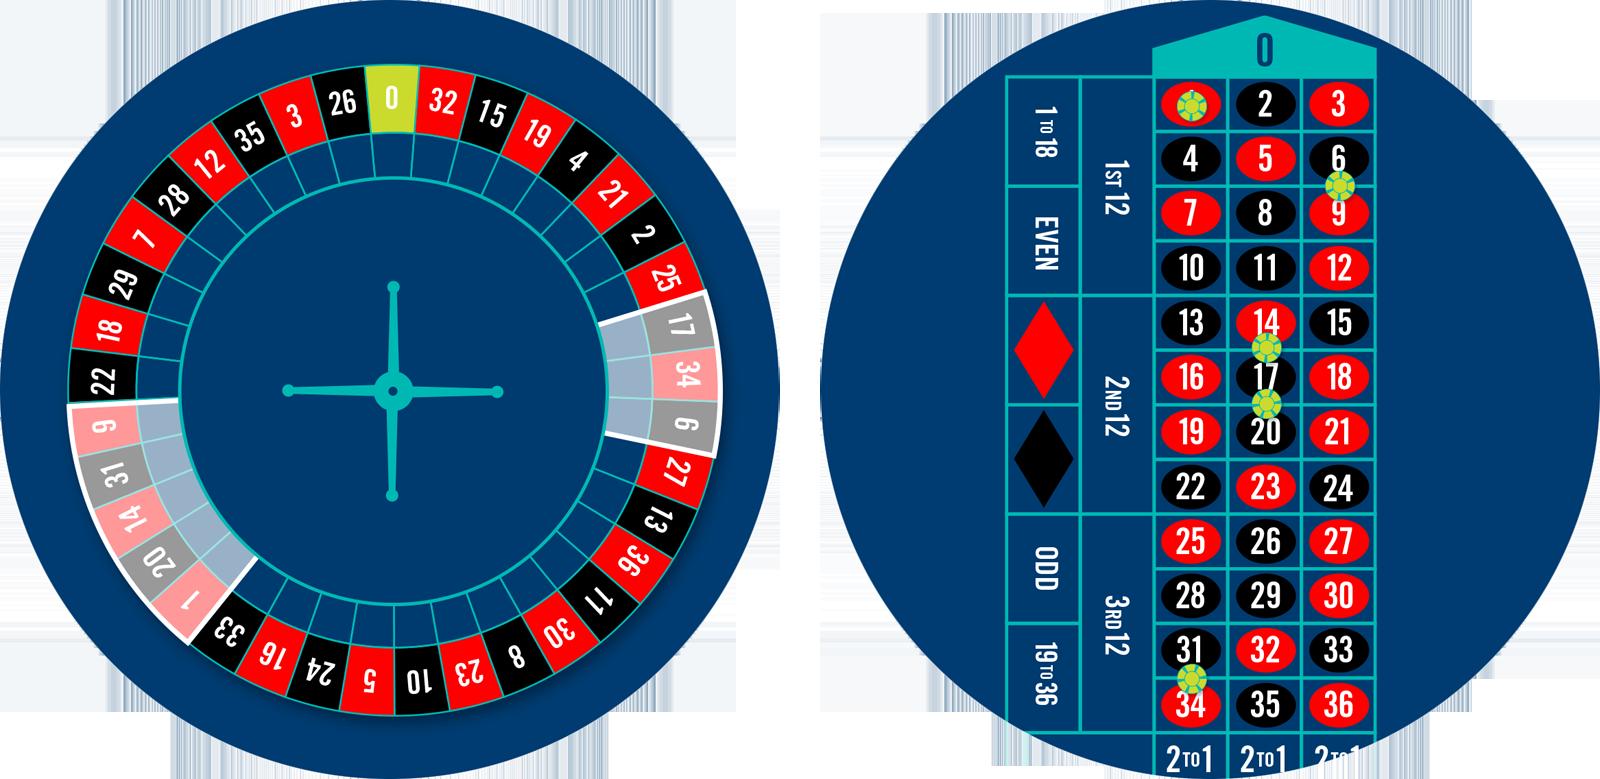 特別顯示孤注區的輪盤,以及孤注區放着五個籌碼的輪盤賭桌。